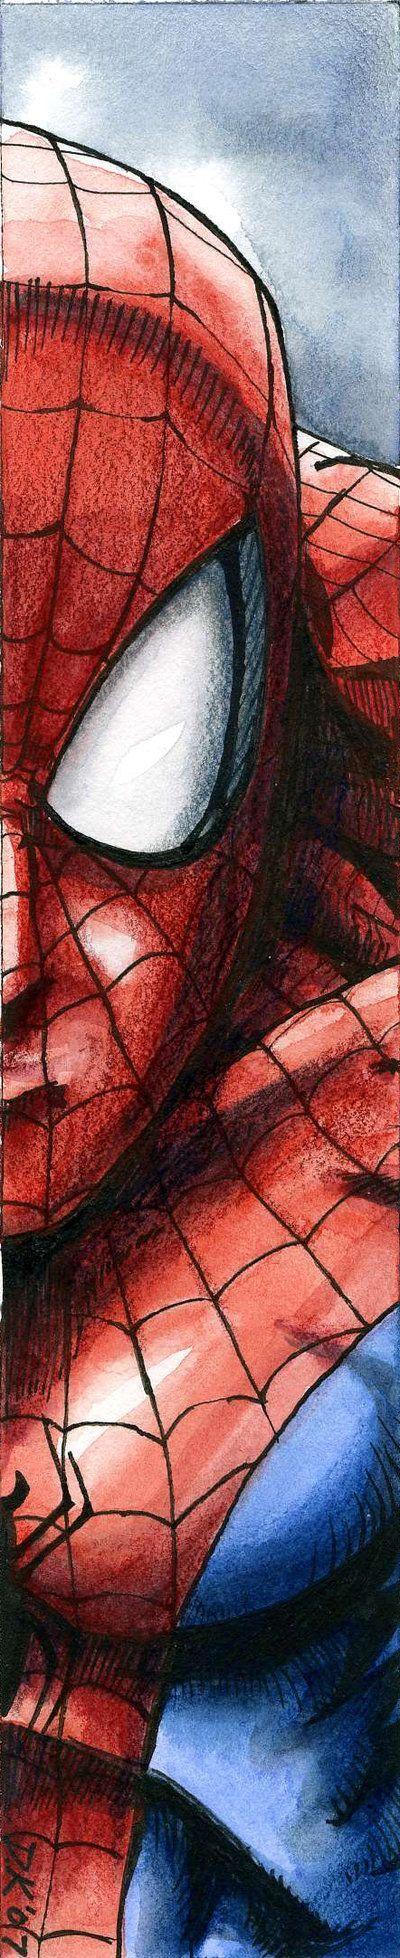 El mejor dibujo de el hombre araña